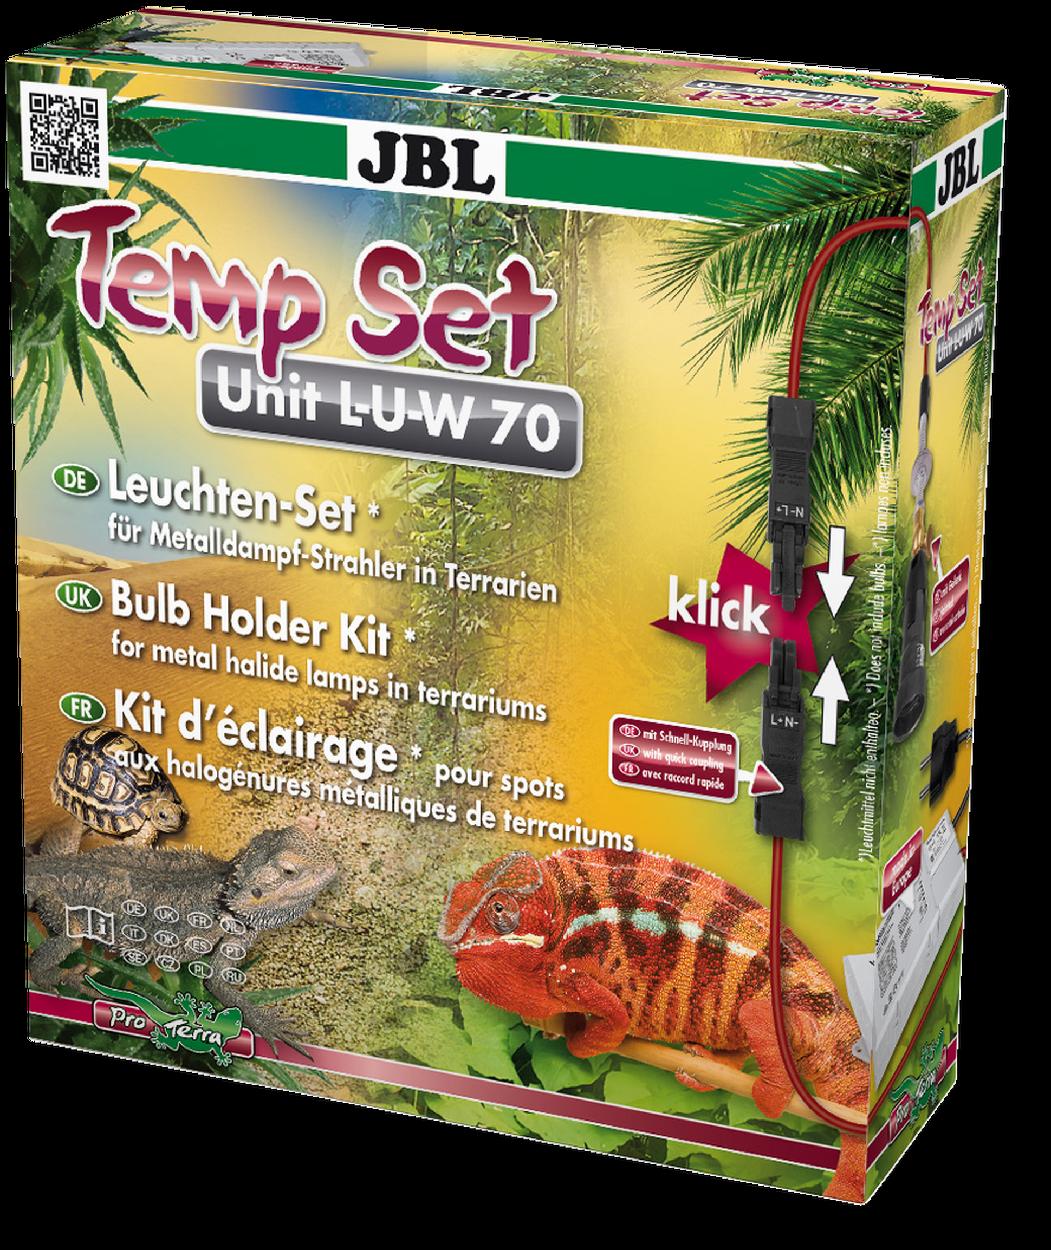 JBL TempSet Unit L-U-W 35 W